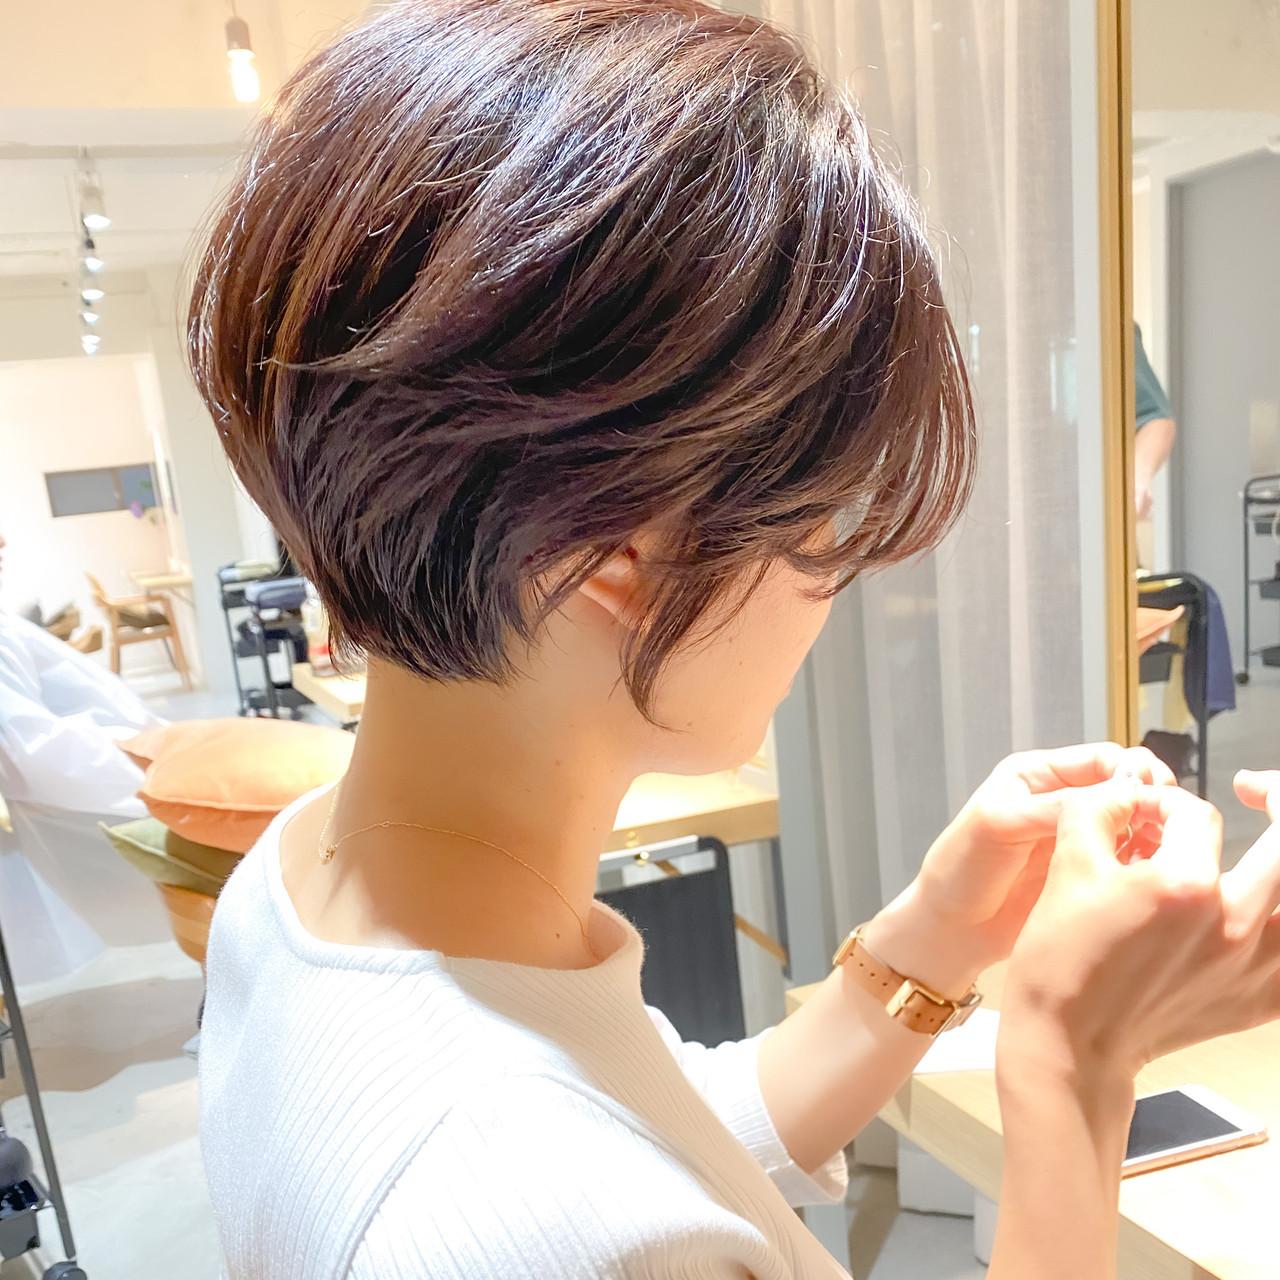 ナチュラル ショートヘア アウトドア 大人かわいいヘアスタイルや髪型の写真・画像